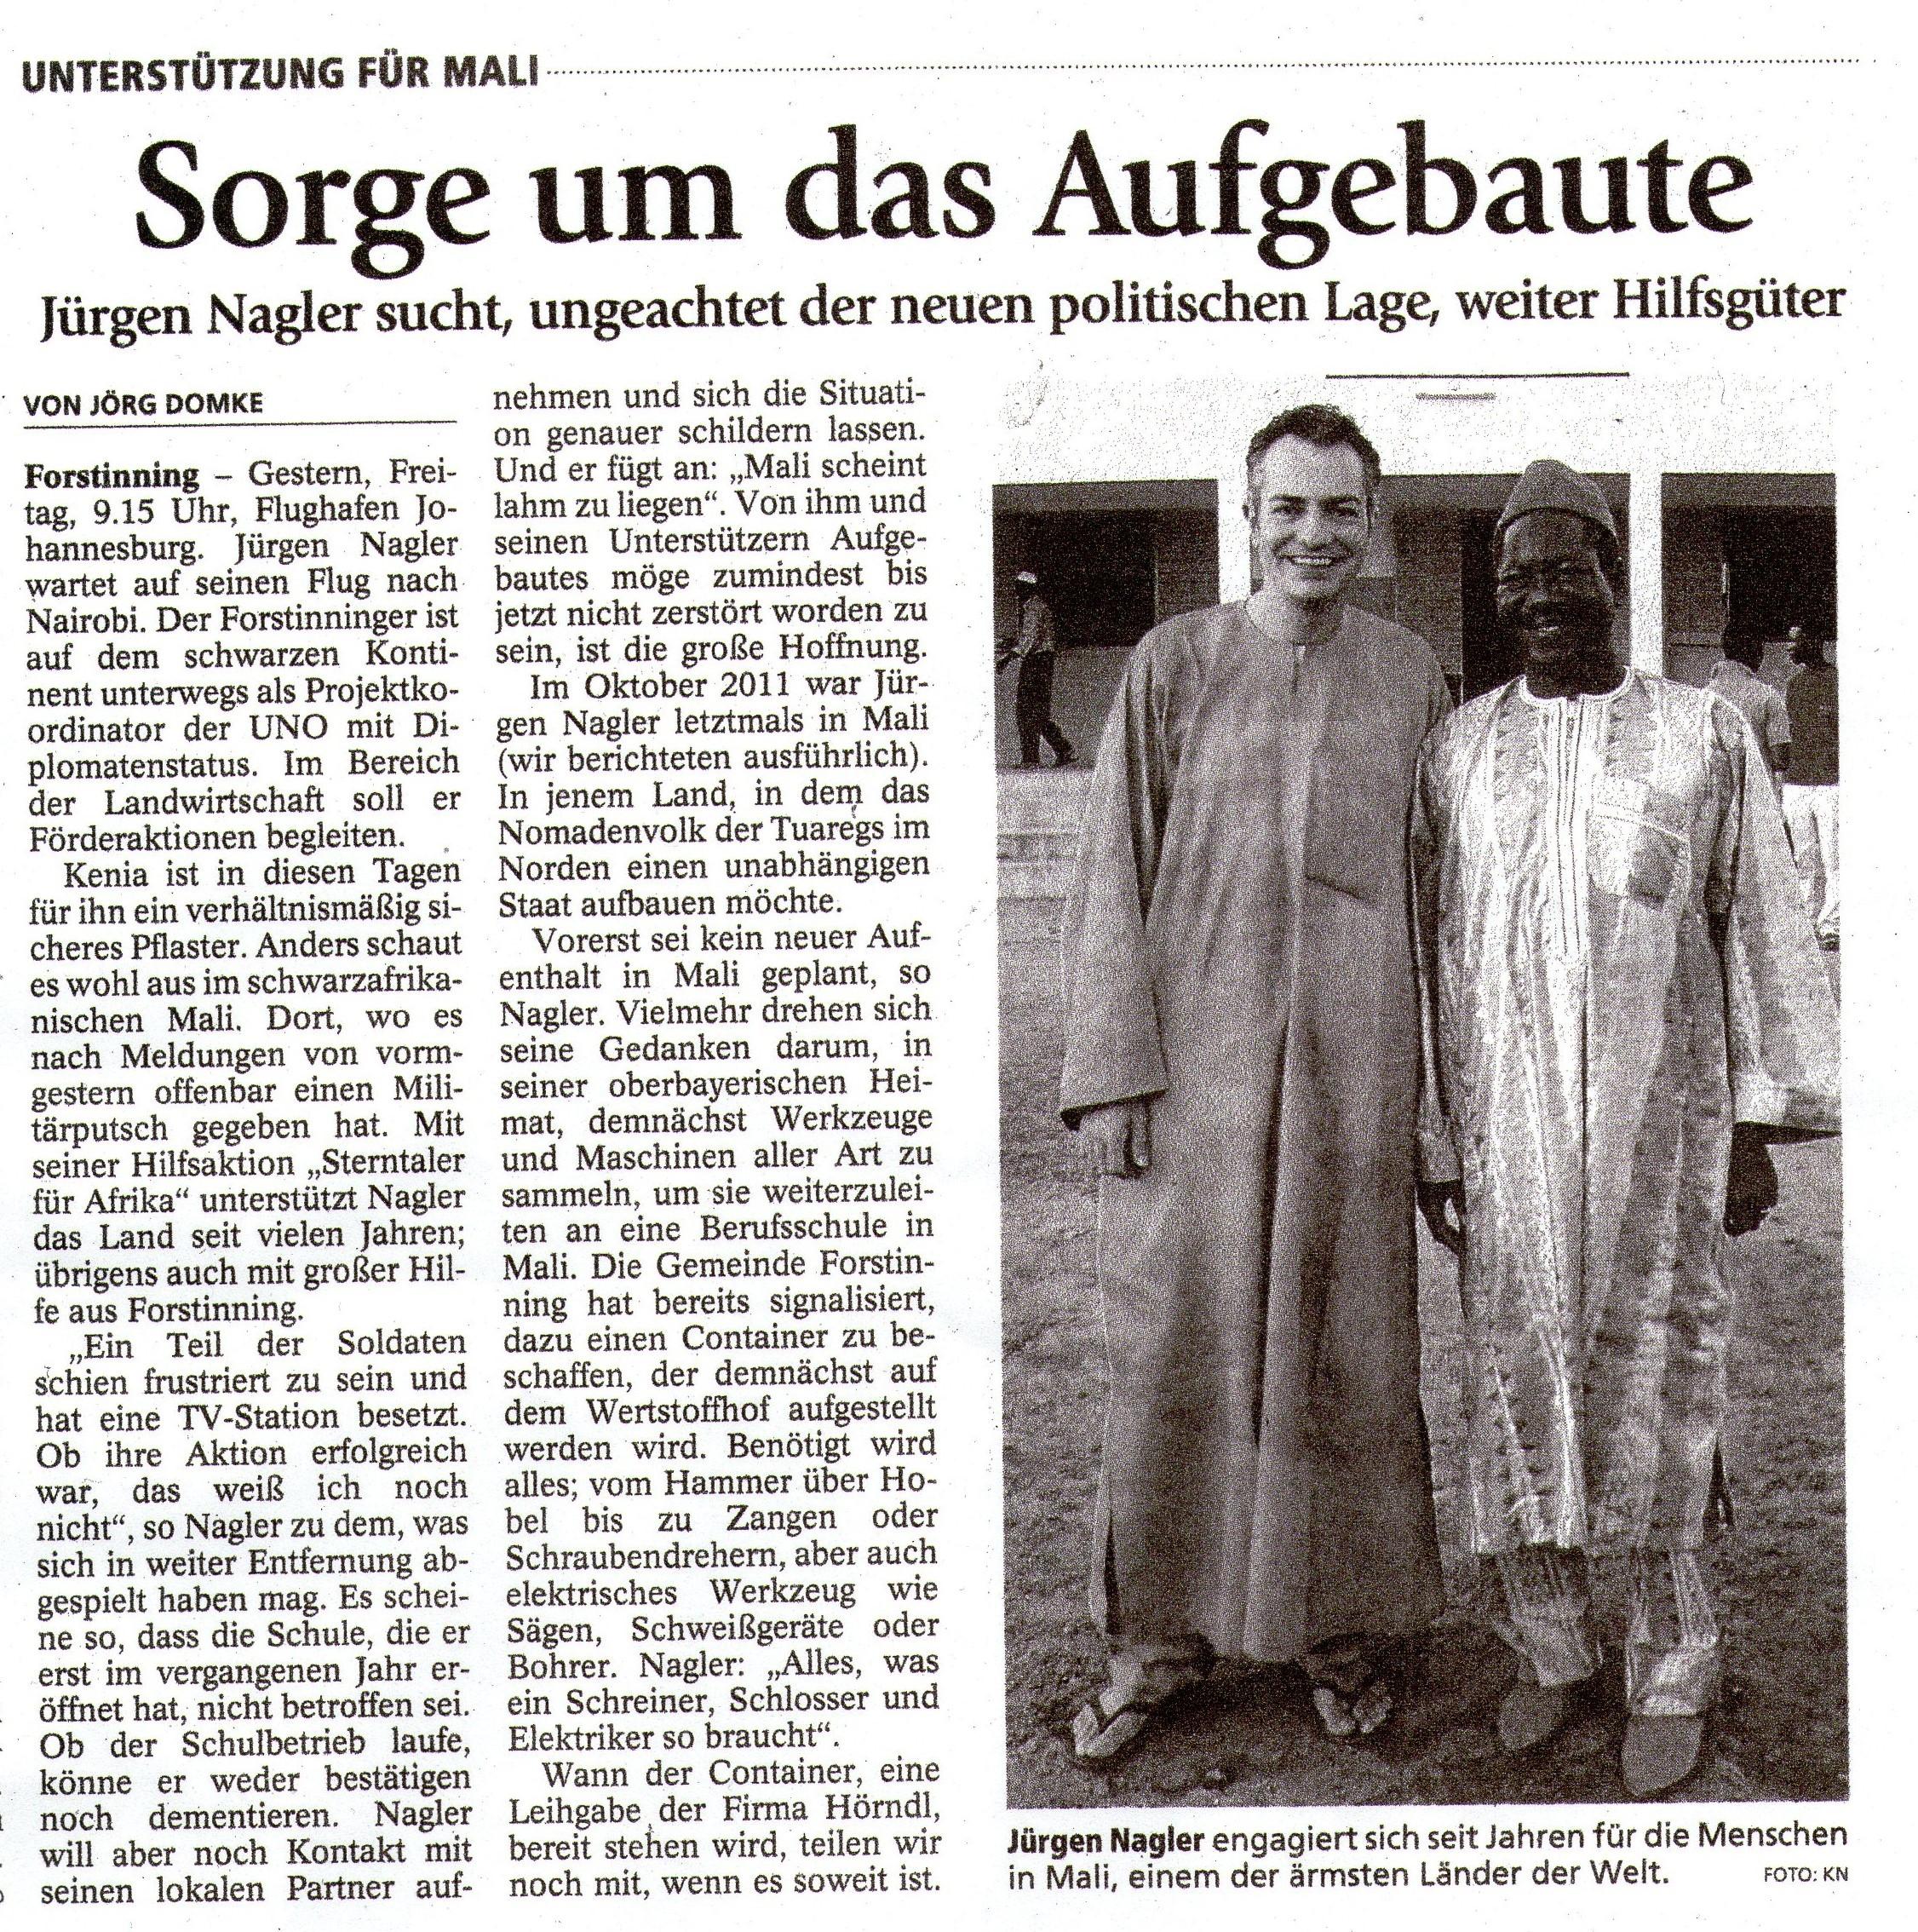 Merkur - Ebersberger Zeitung März 2012